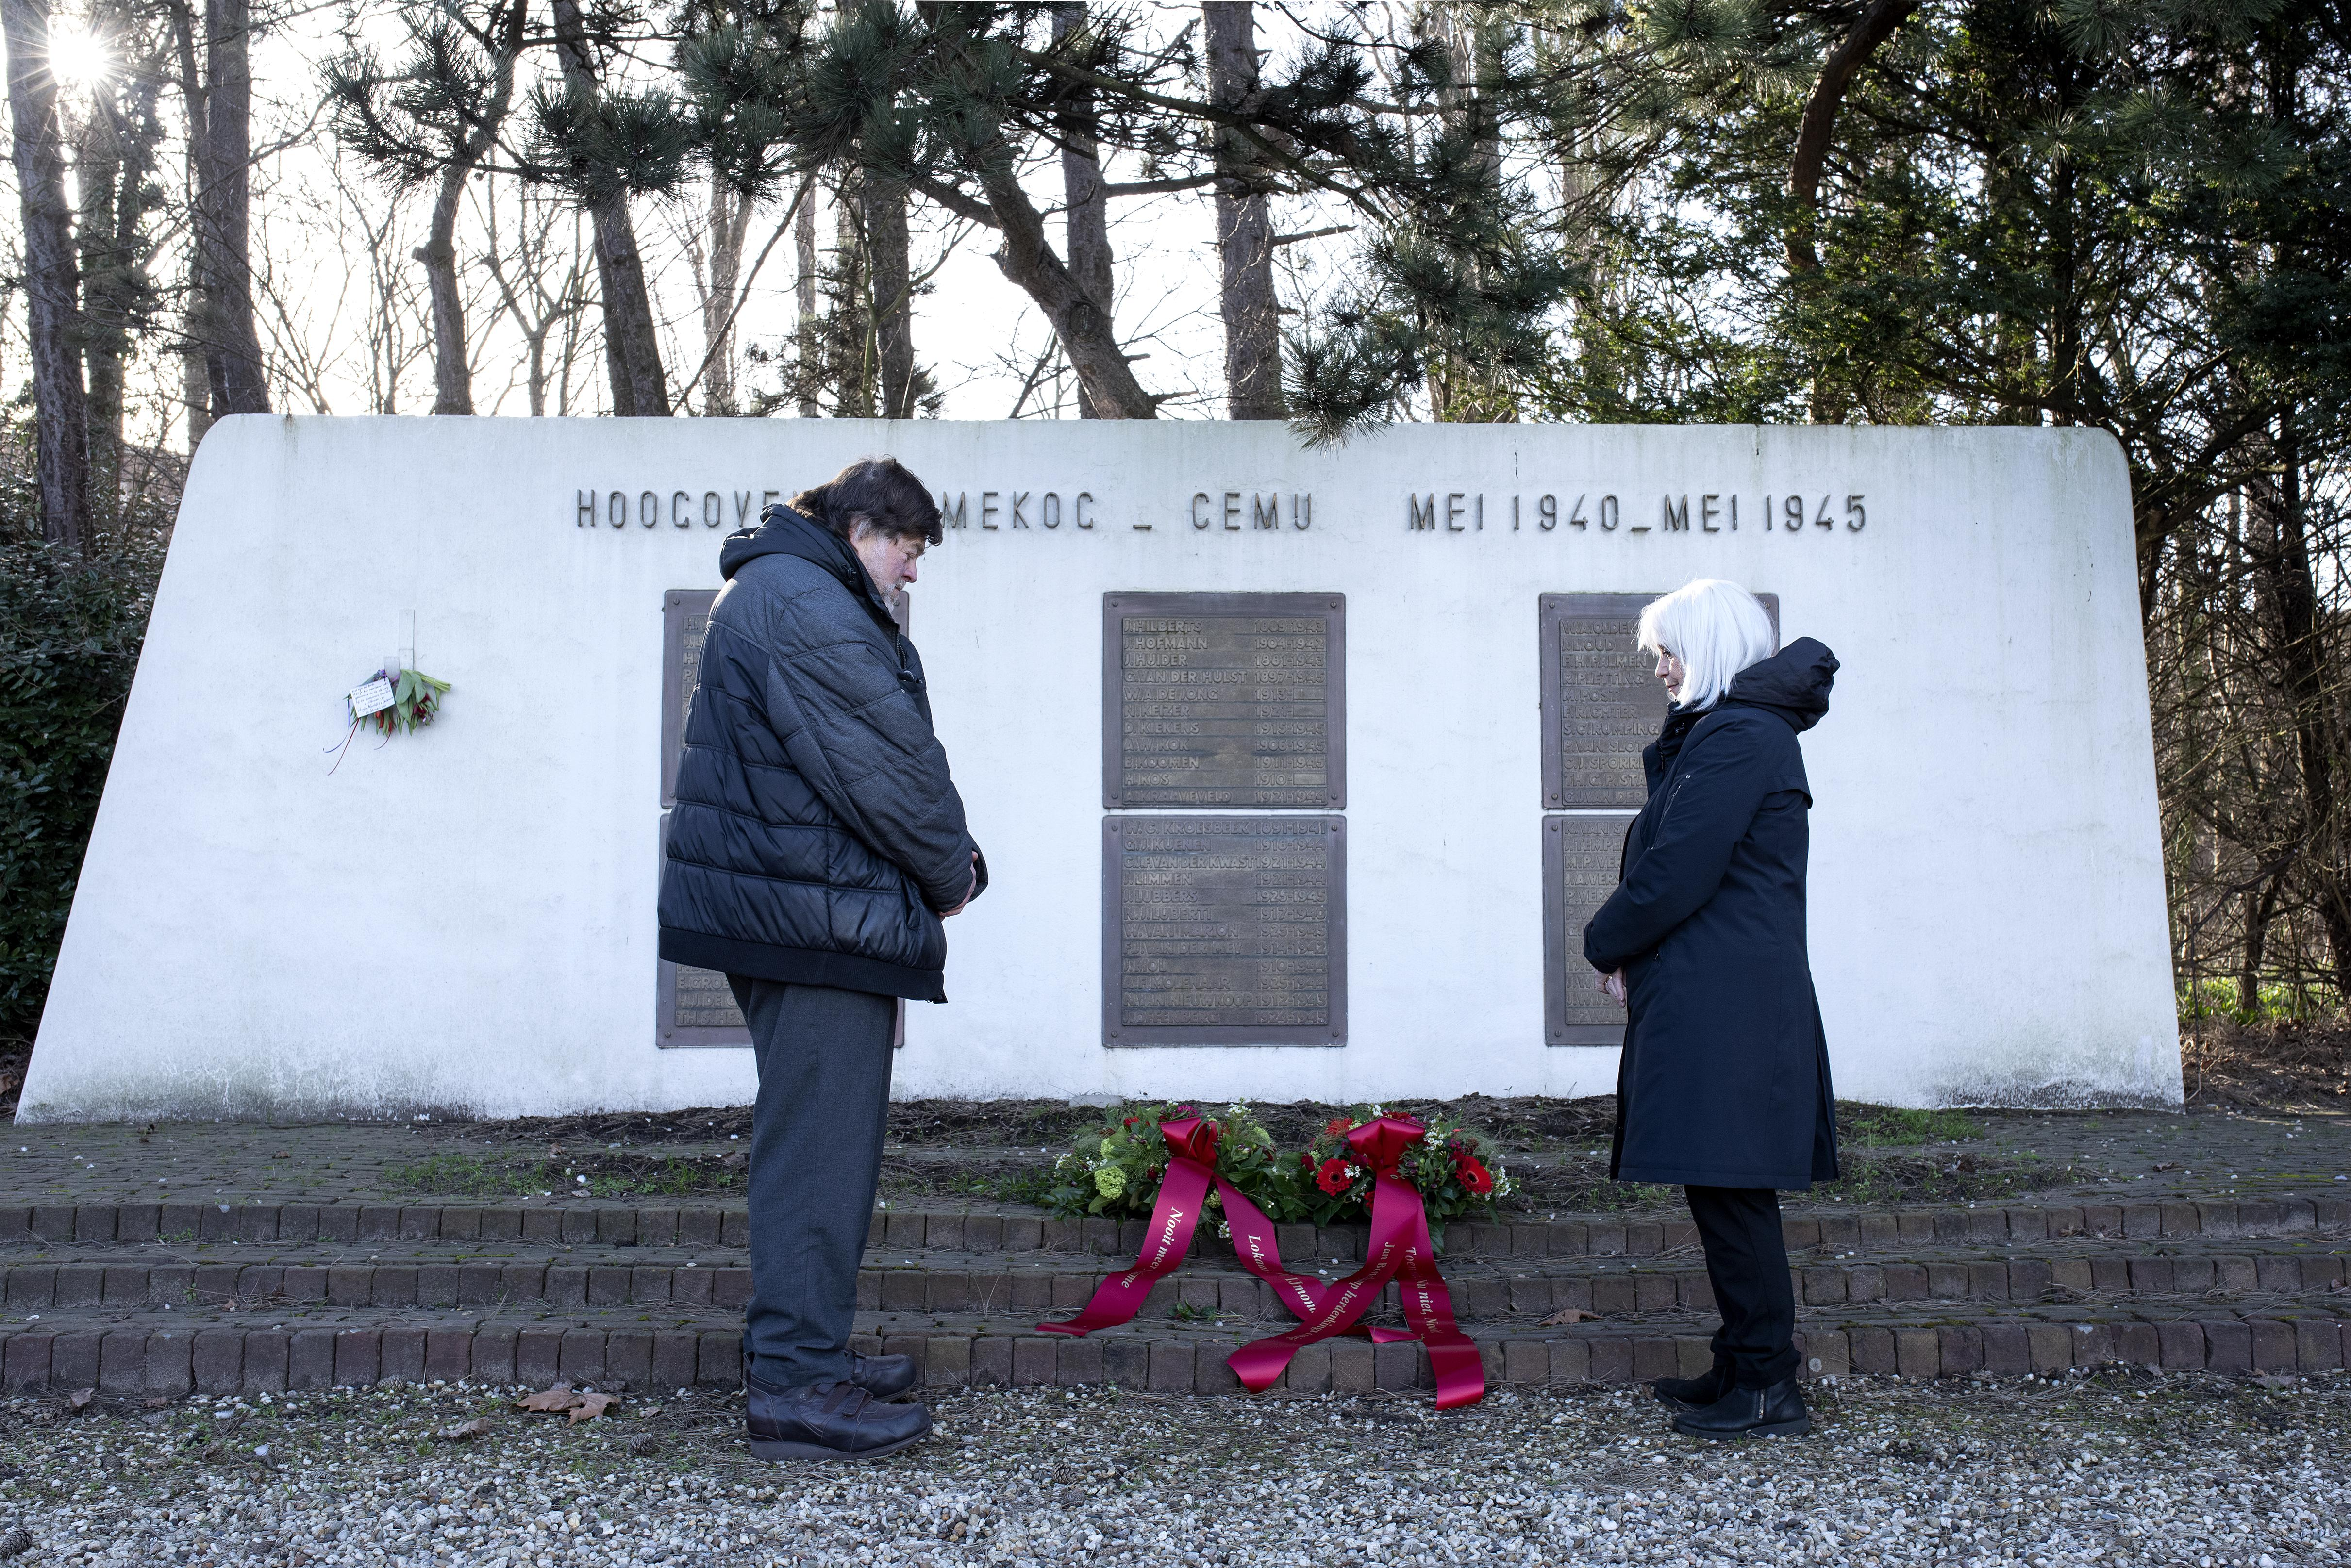 Kranslegging voor februaristaking '41 voor het eerst op het Jan Brasserplantsoen in Velsen-Noord